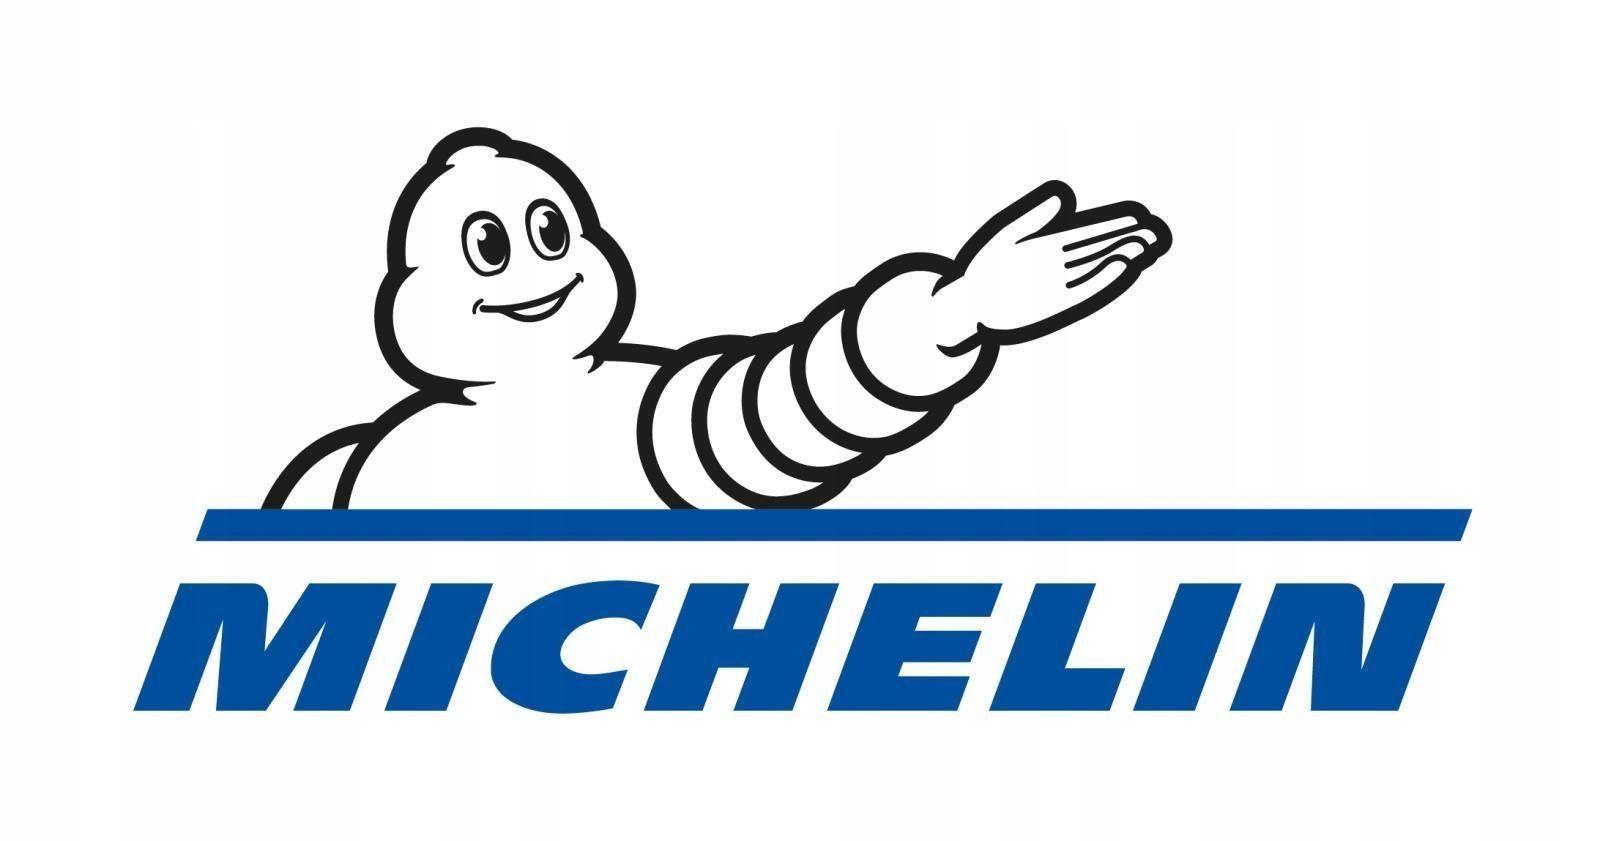 Группа Мишлен поддержала план помощи автомобильной промышленности Франции